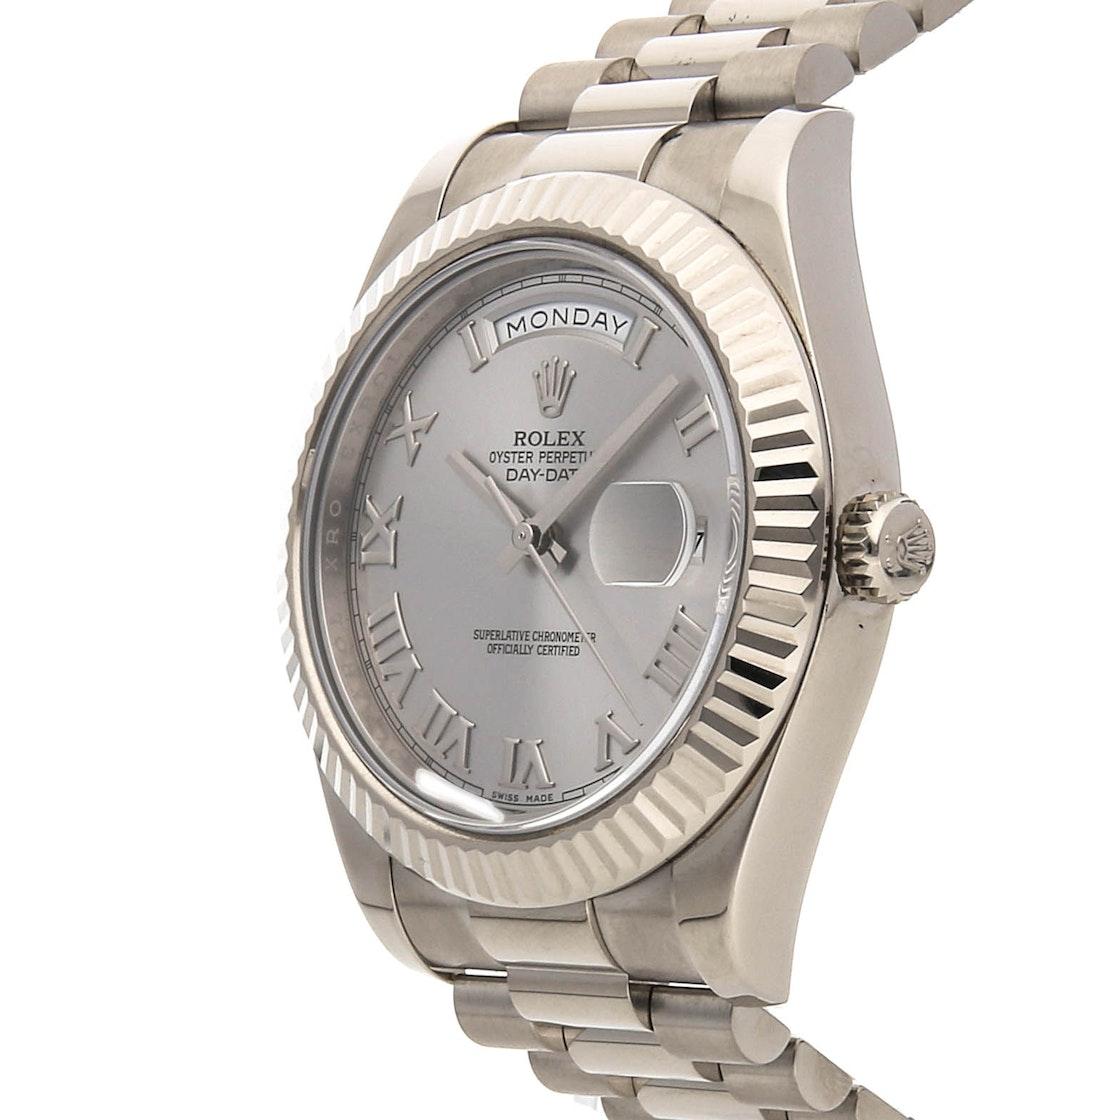 Rolex Day-Date II 218239